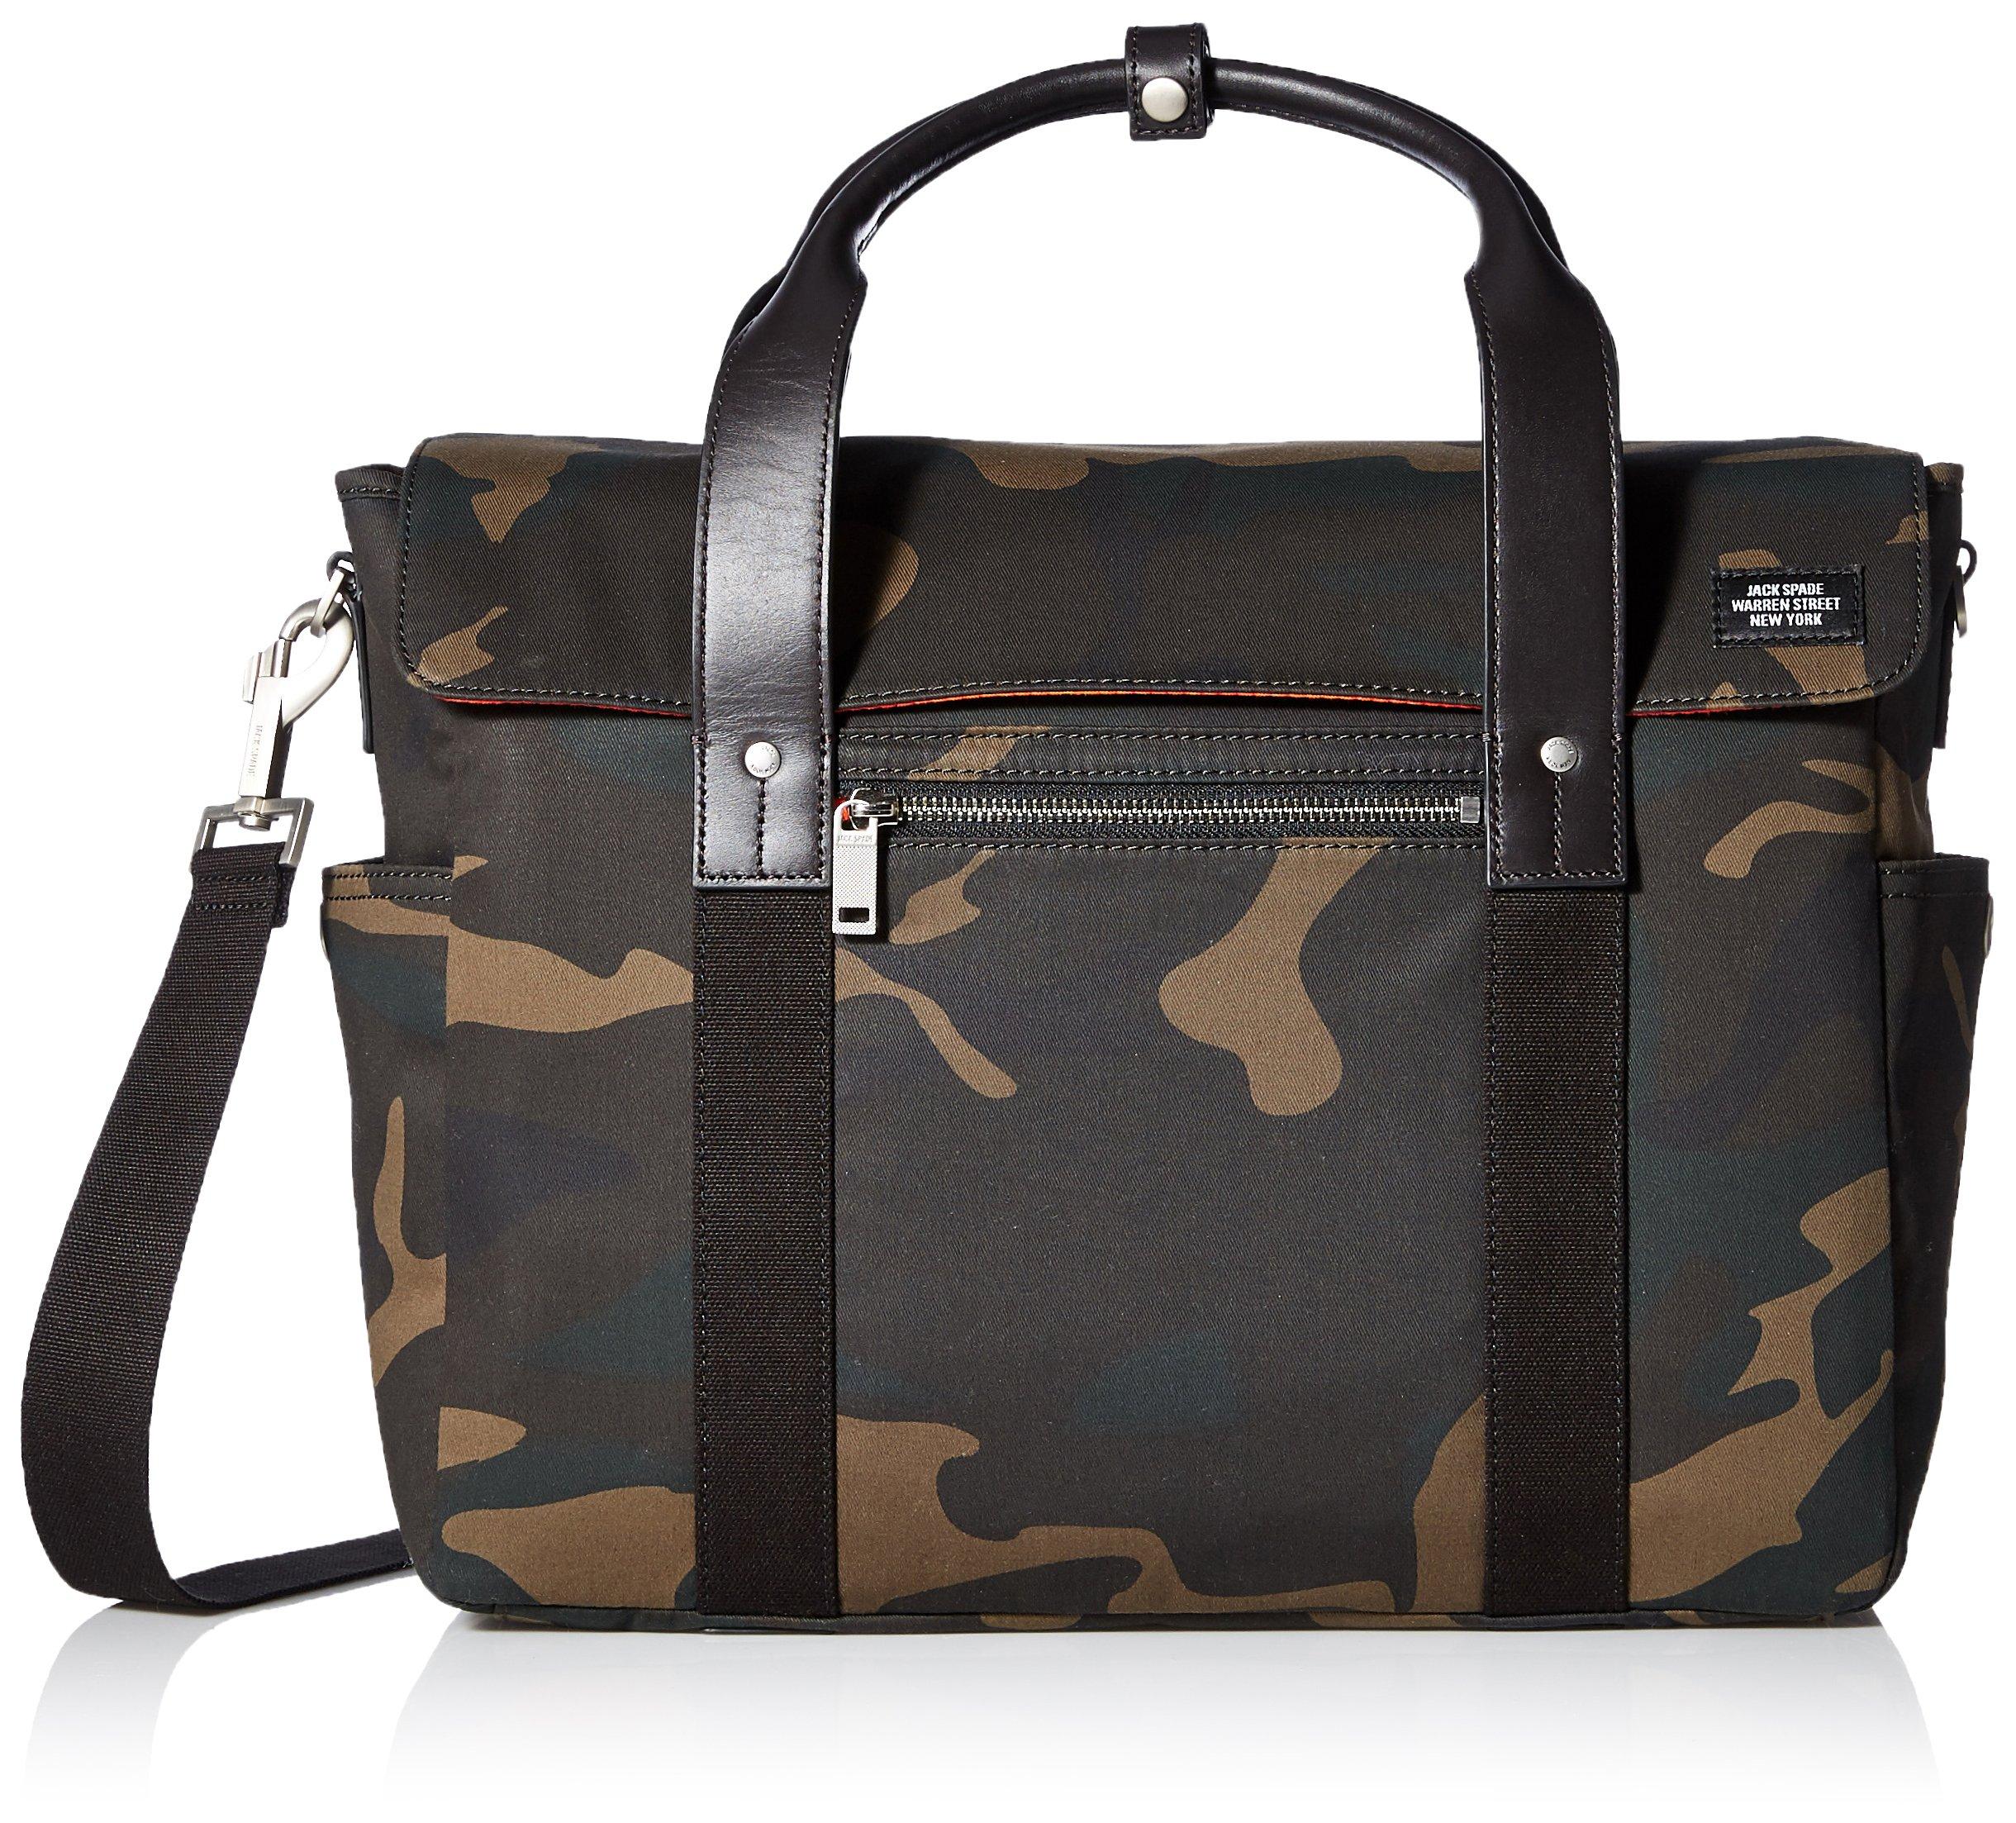 Jack Spade Men's Waxwear Survey Bag, Camo